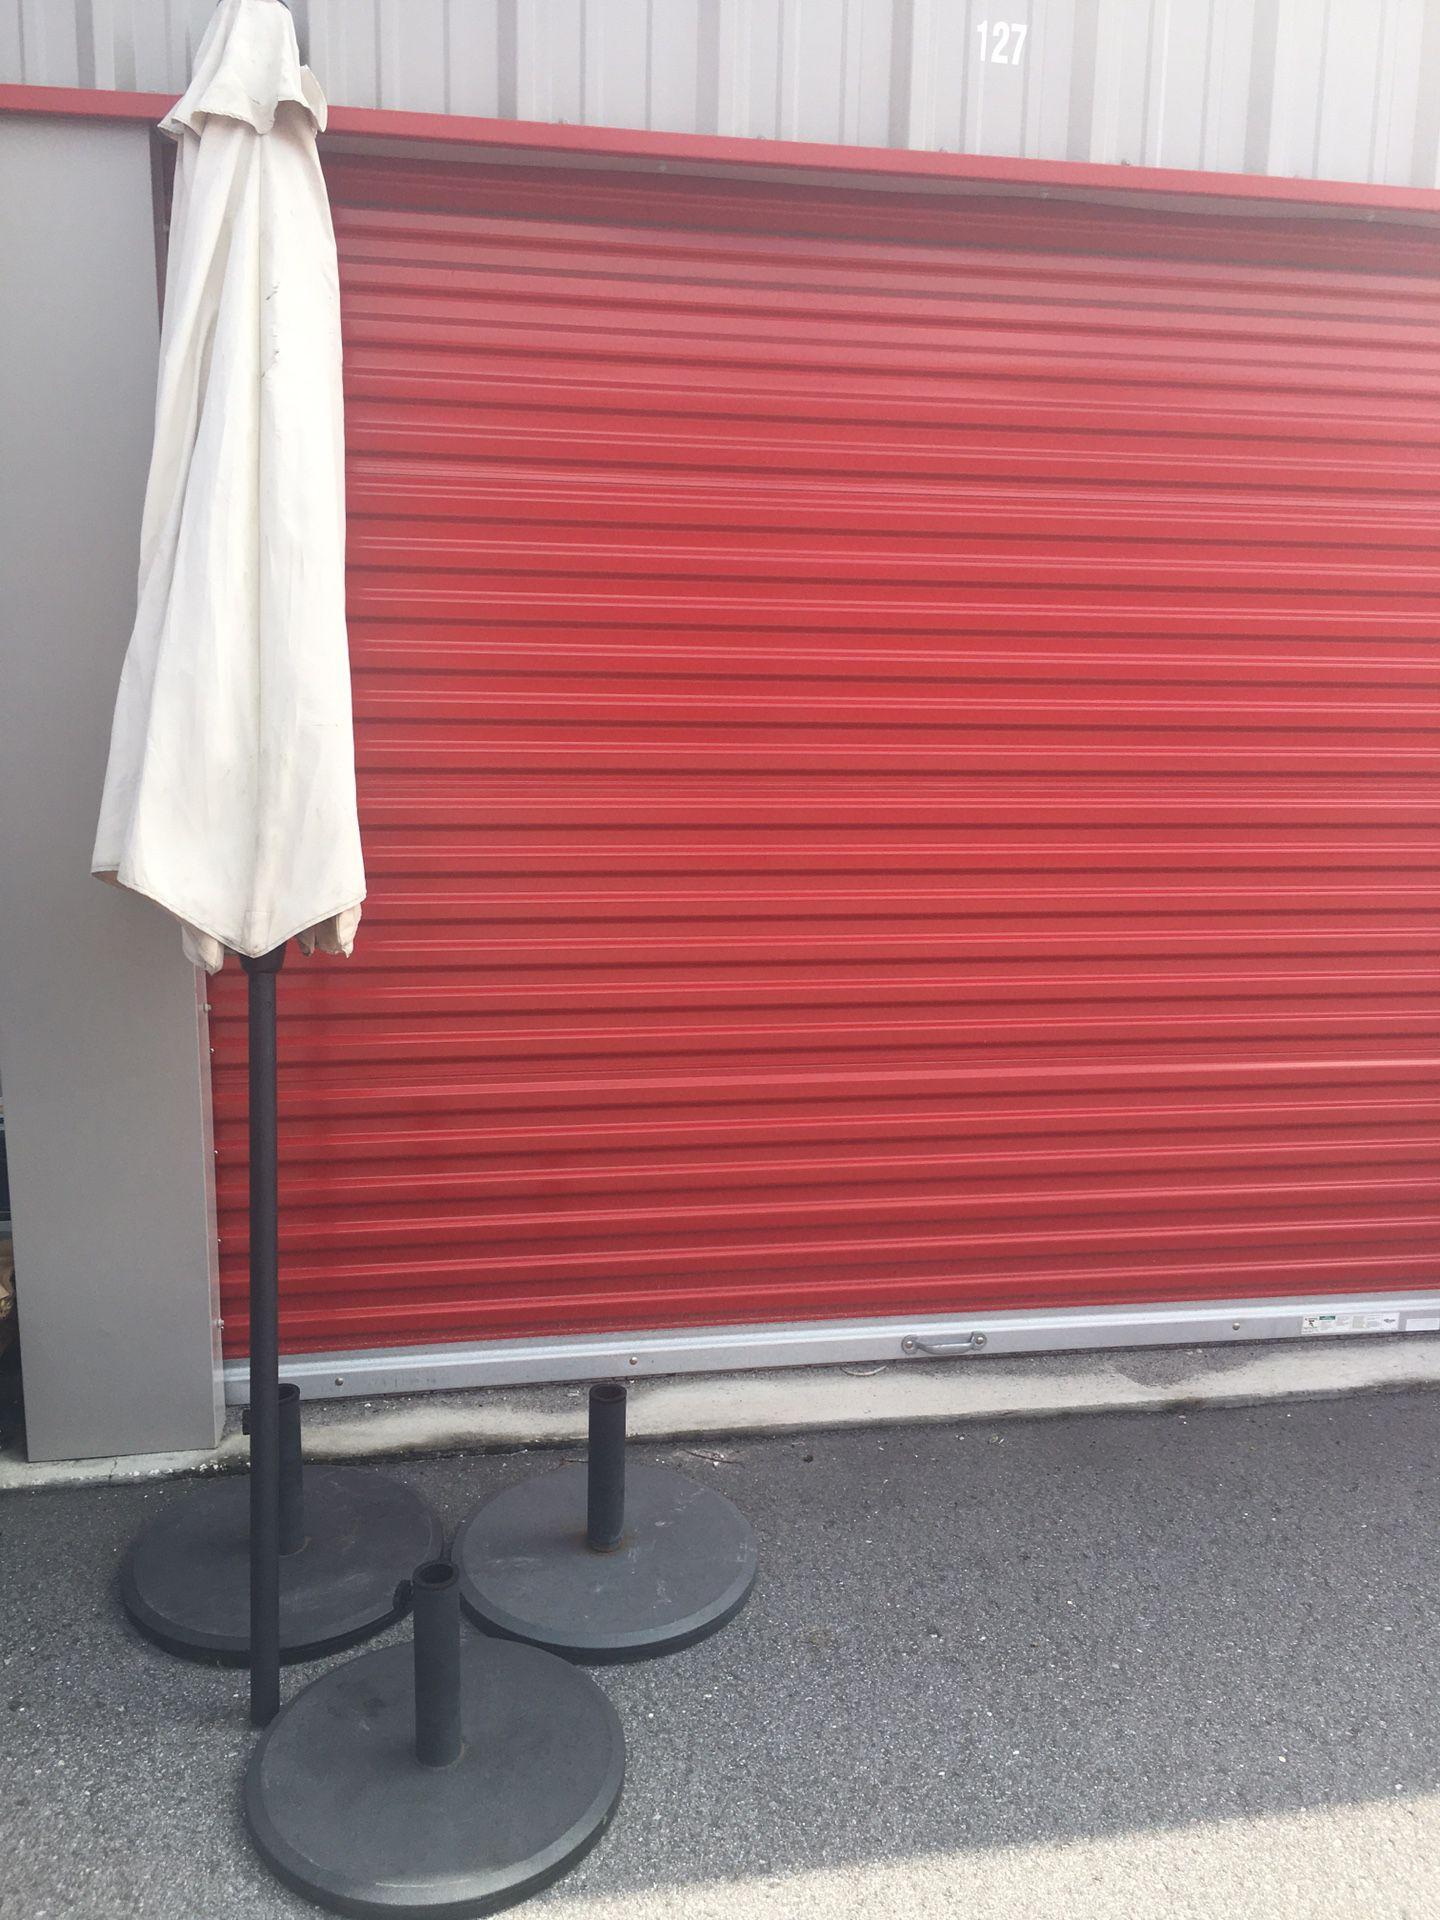 3 Heavy Patio Umbrella Base- 3 Used Umbrellas